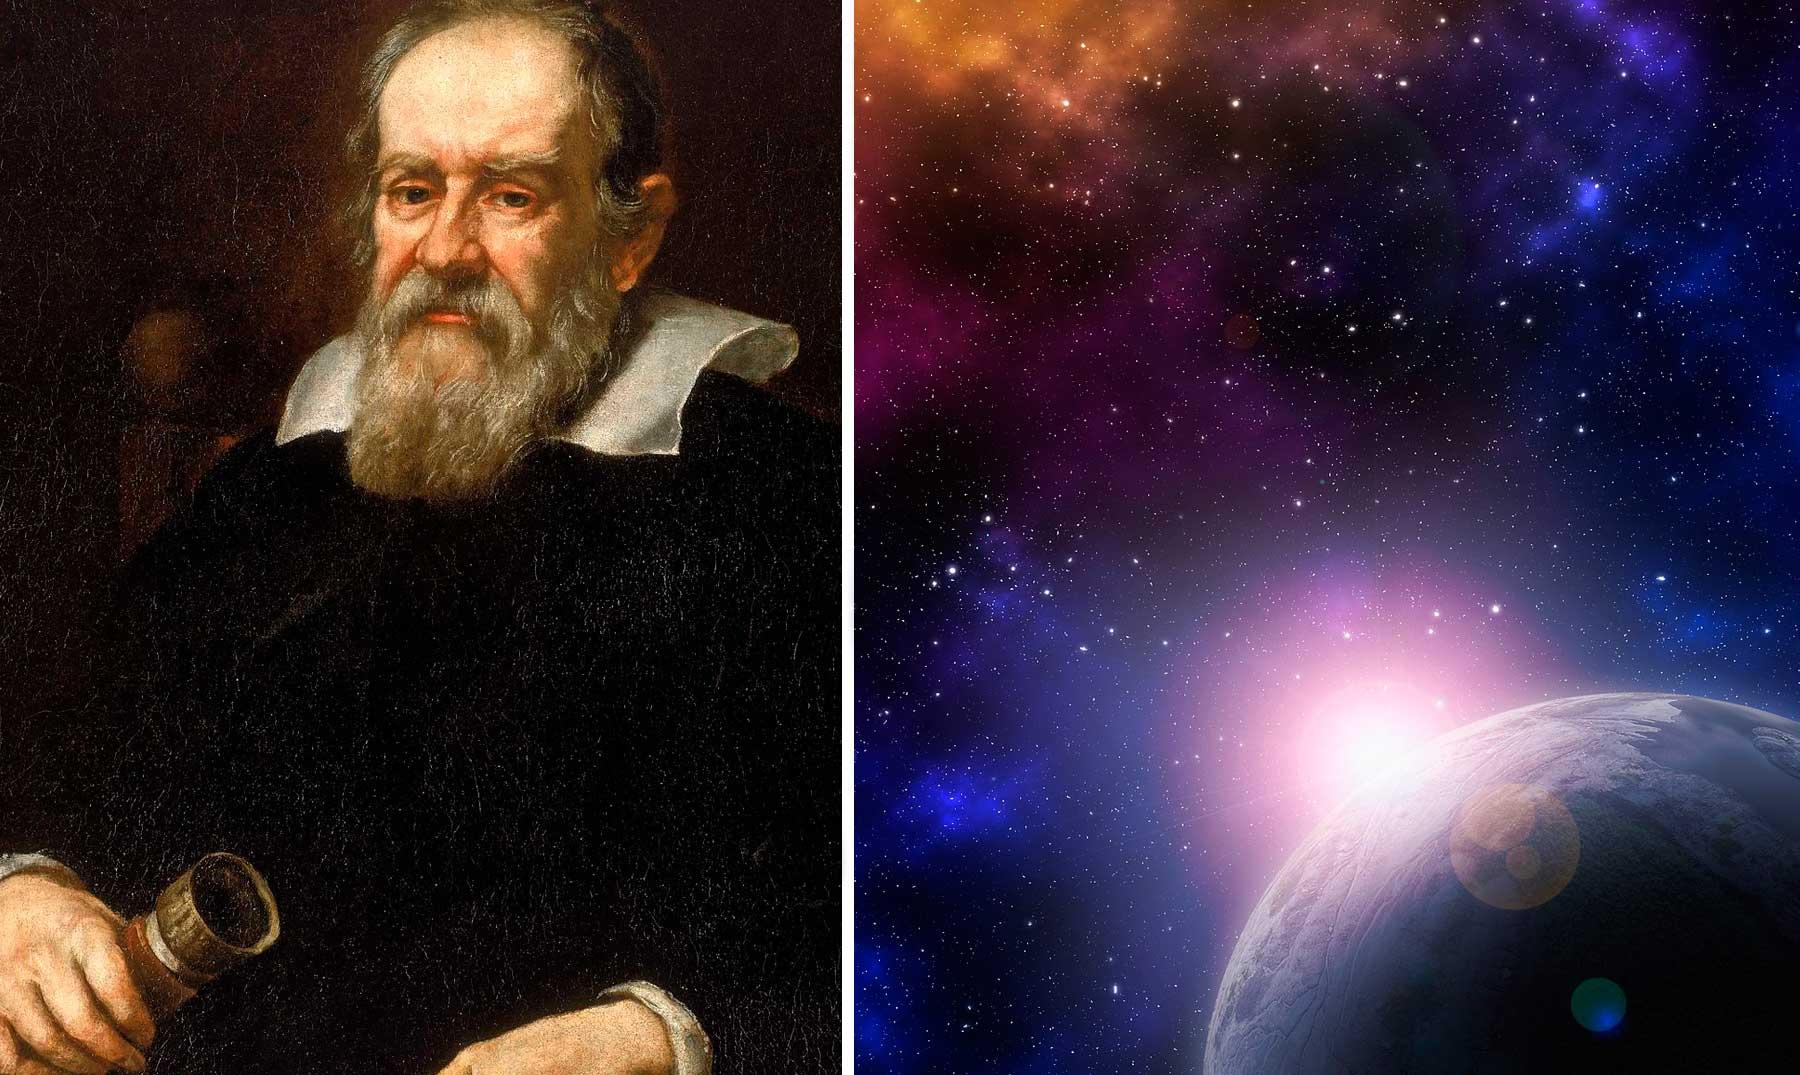 5 Curiosidades Sobre Galileo Galilei Un Rebelde De La Ciencia